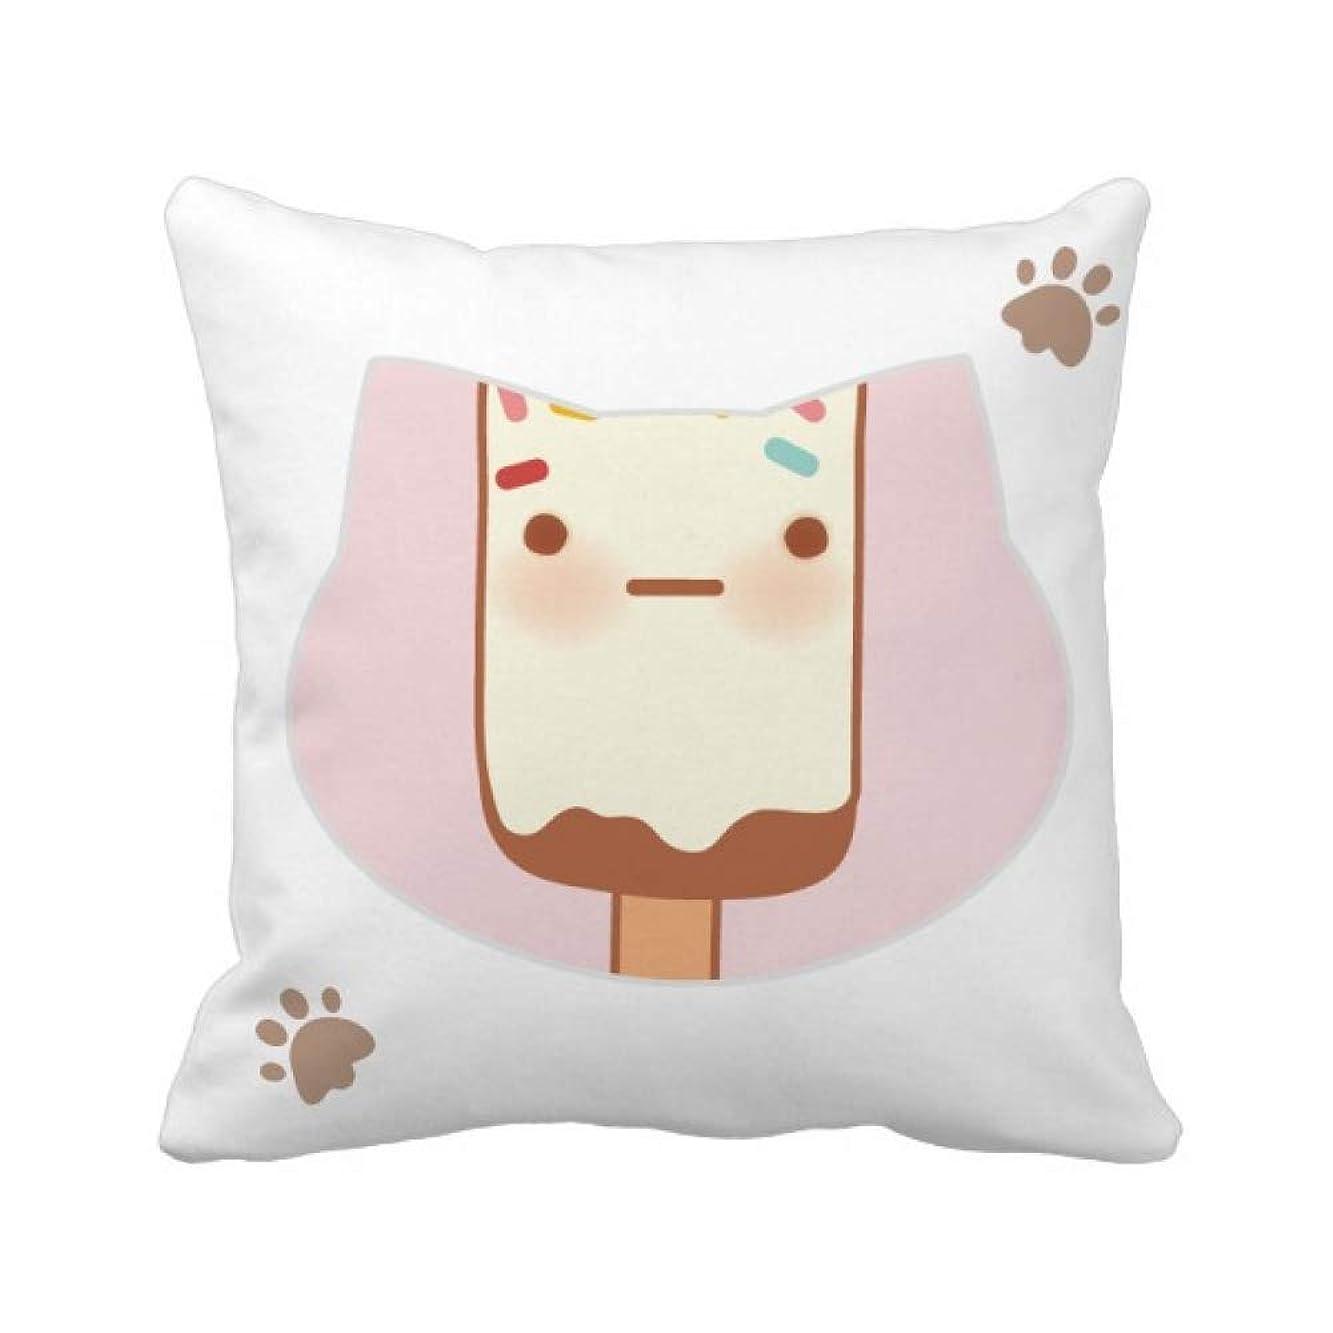 ライオネルグリーンストリート整然とした拮抗する顔の表情のチョコレートアイスクリーム 枕カバーを放り投げる猫広場 50cm x 50cm